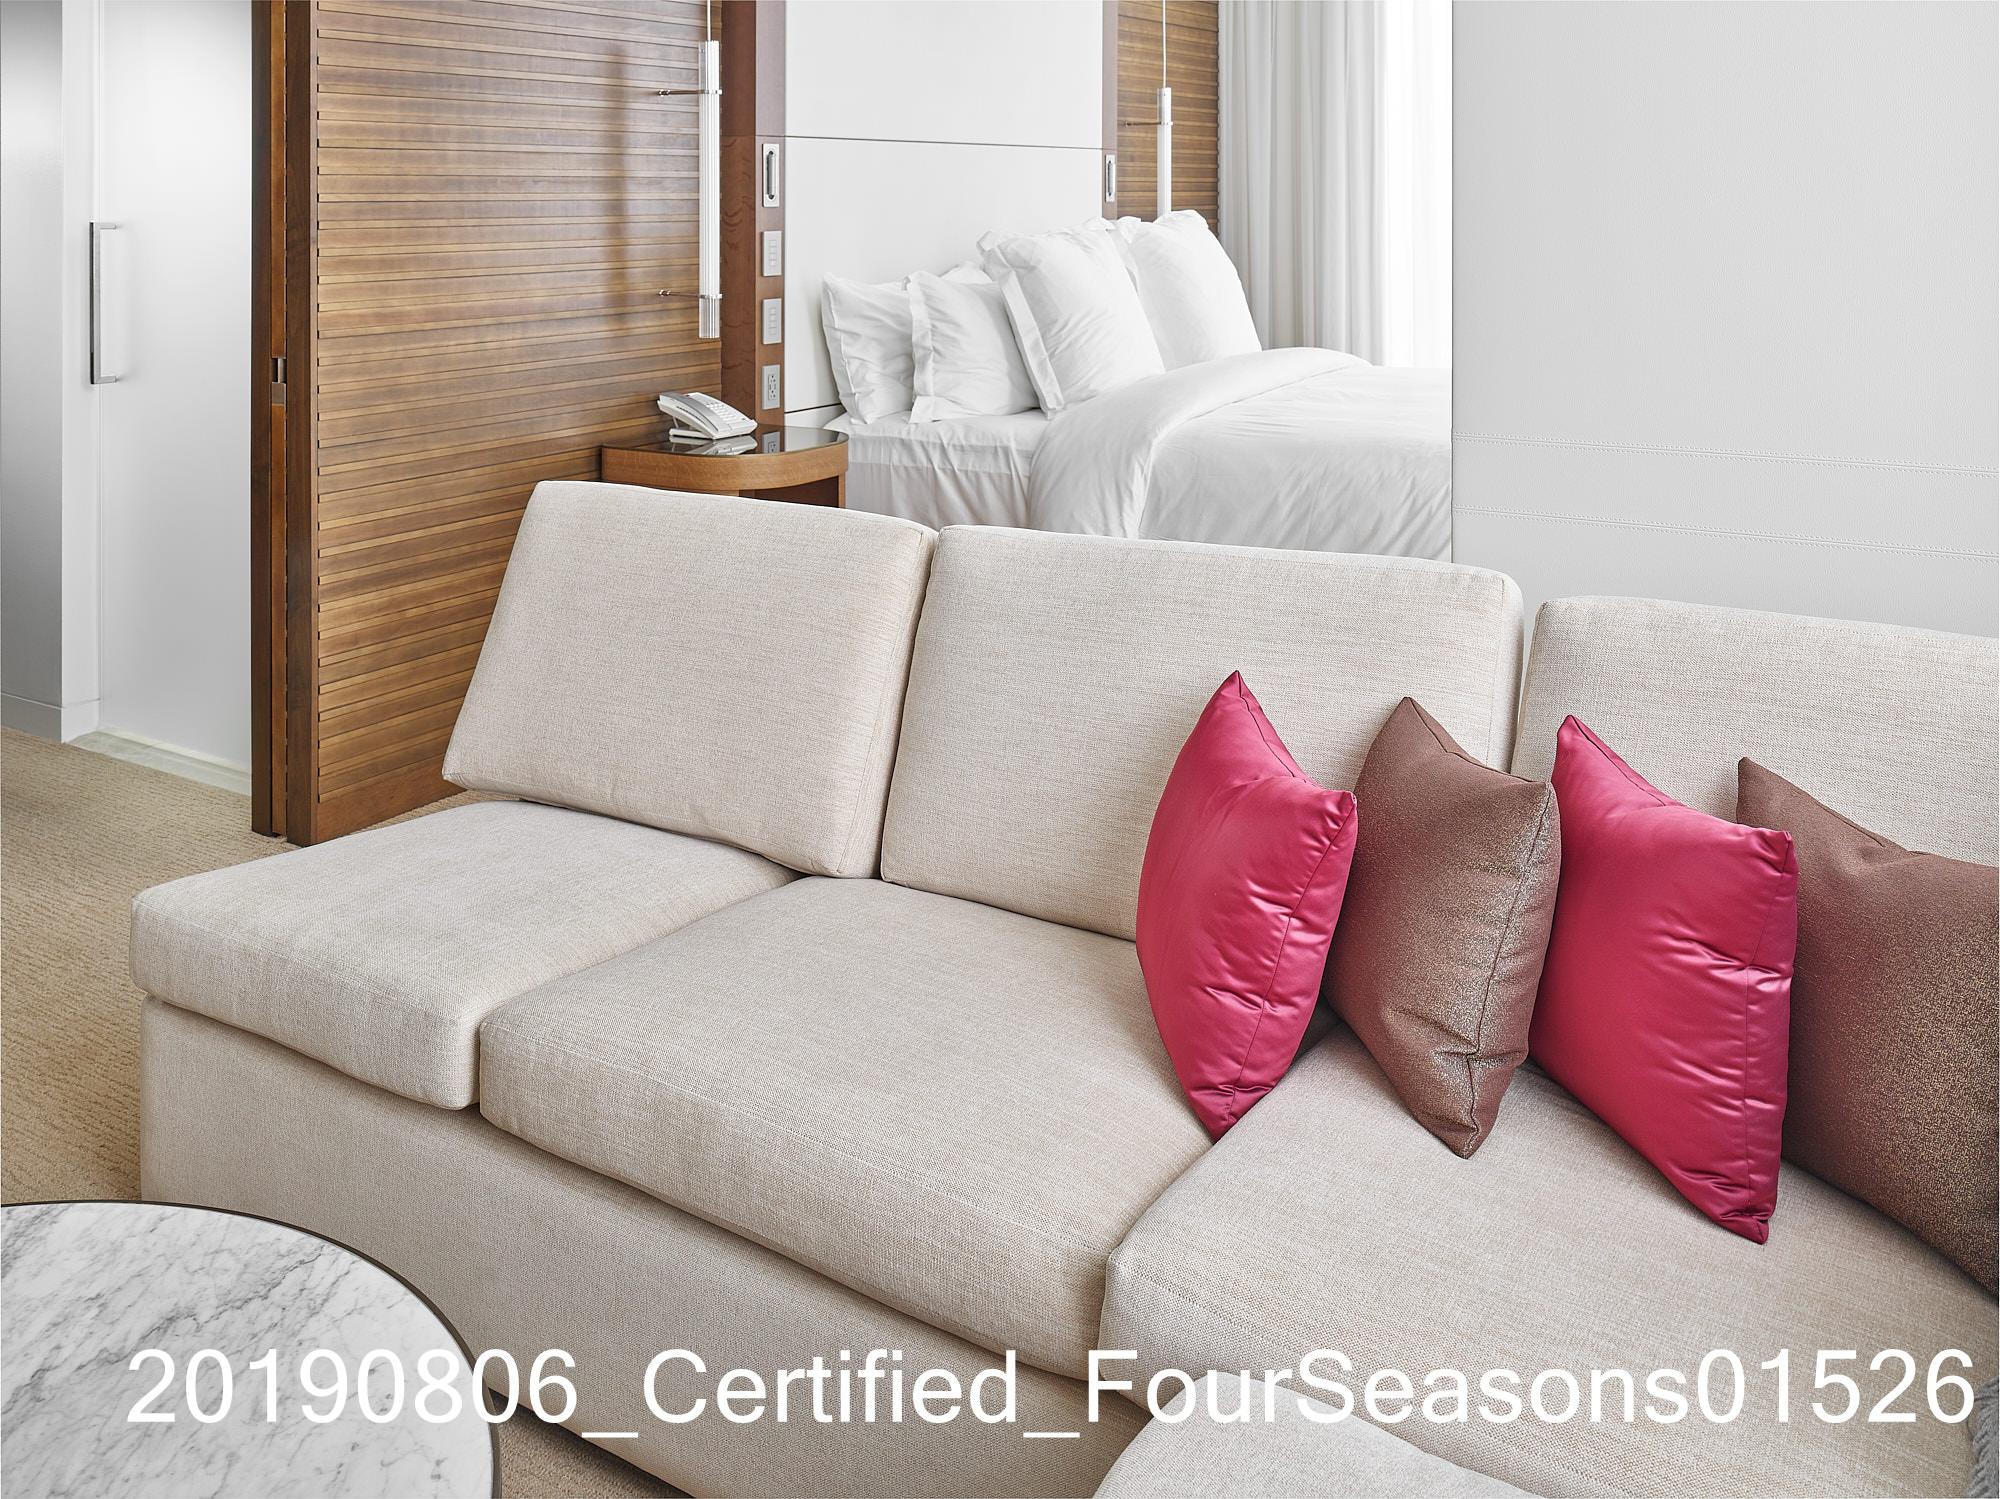 20190806_Certified_FourSeasons01526.jpg